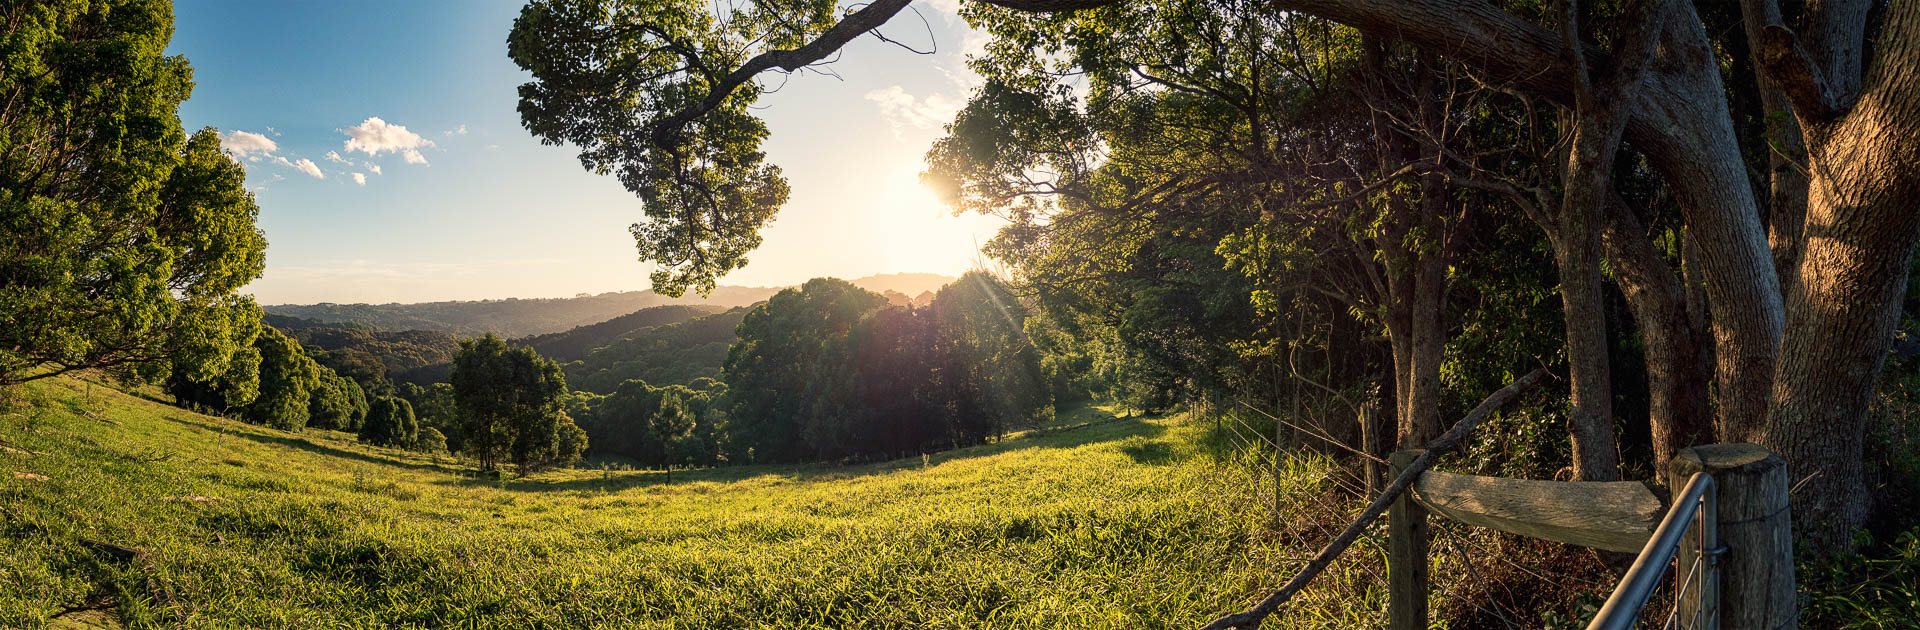 360 VR Sunset Australia Fotograf Tobi Bohn Berlin